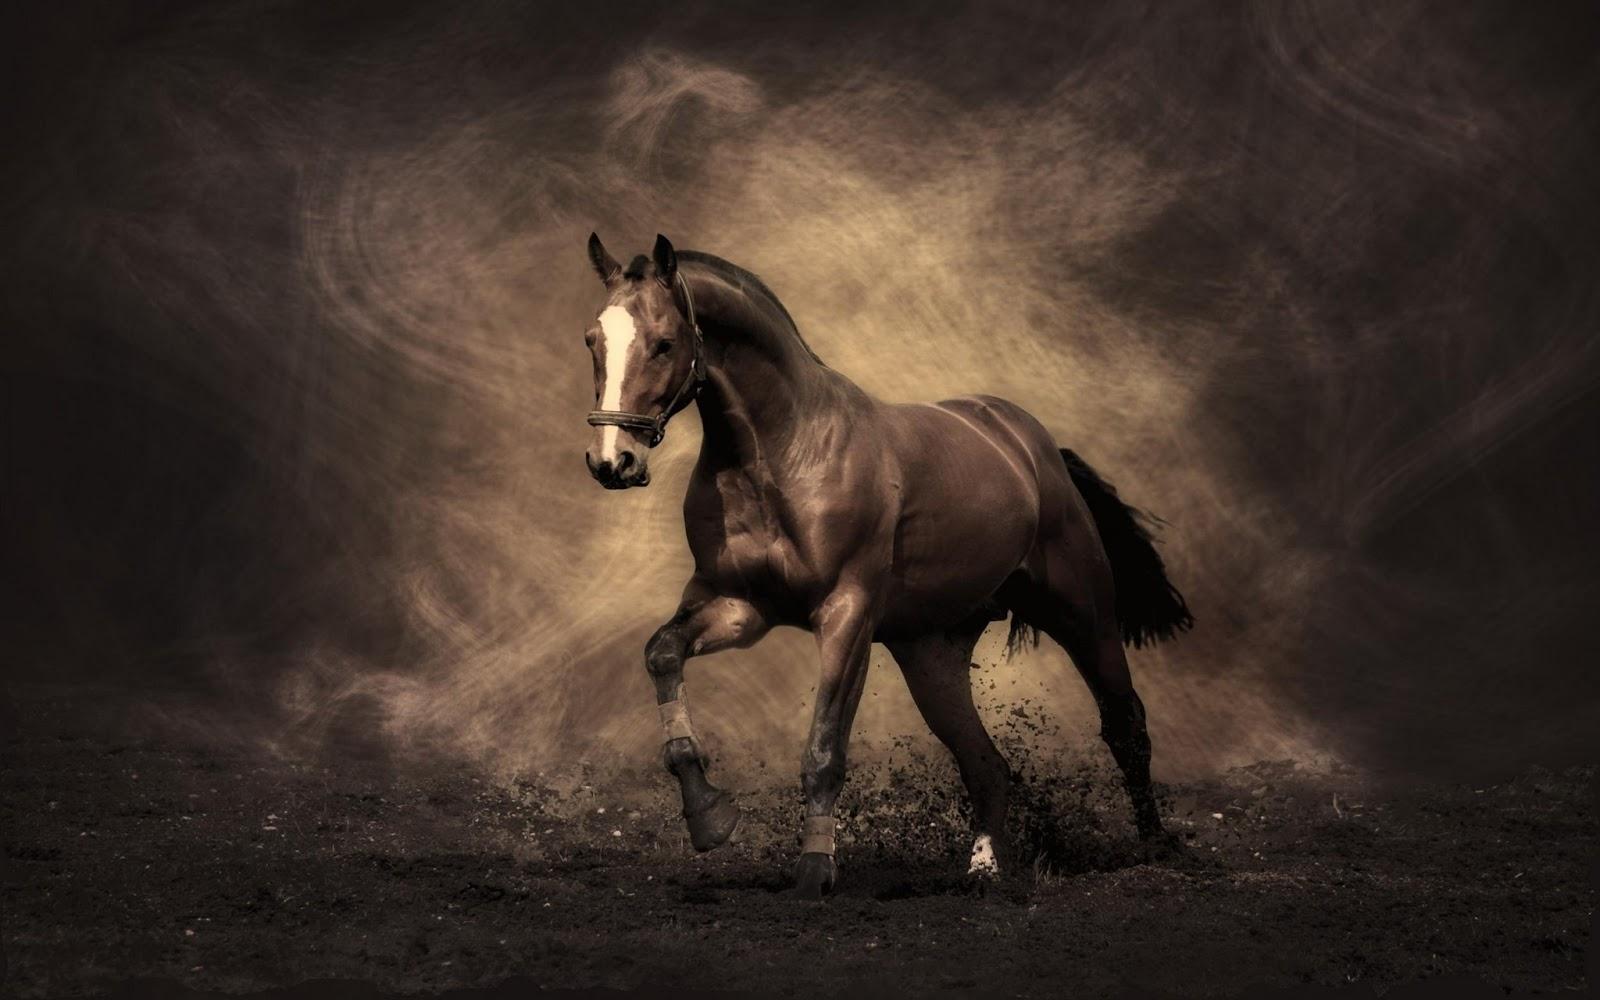 Fantastic   Wallpaper Horse Water - horse-+(7)  Pic_452392.jpg